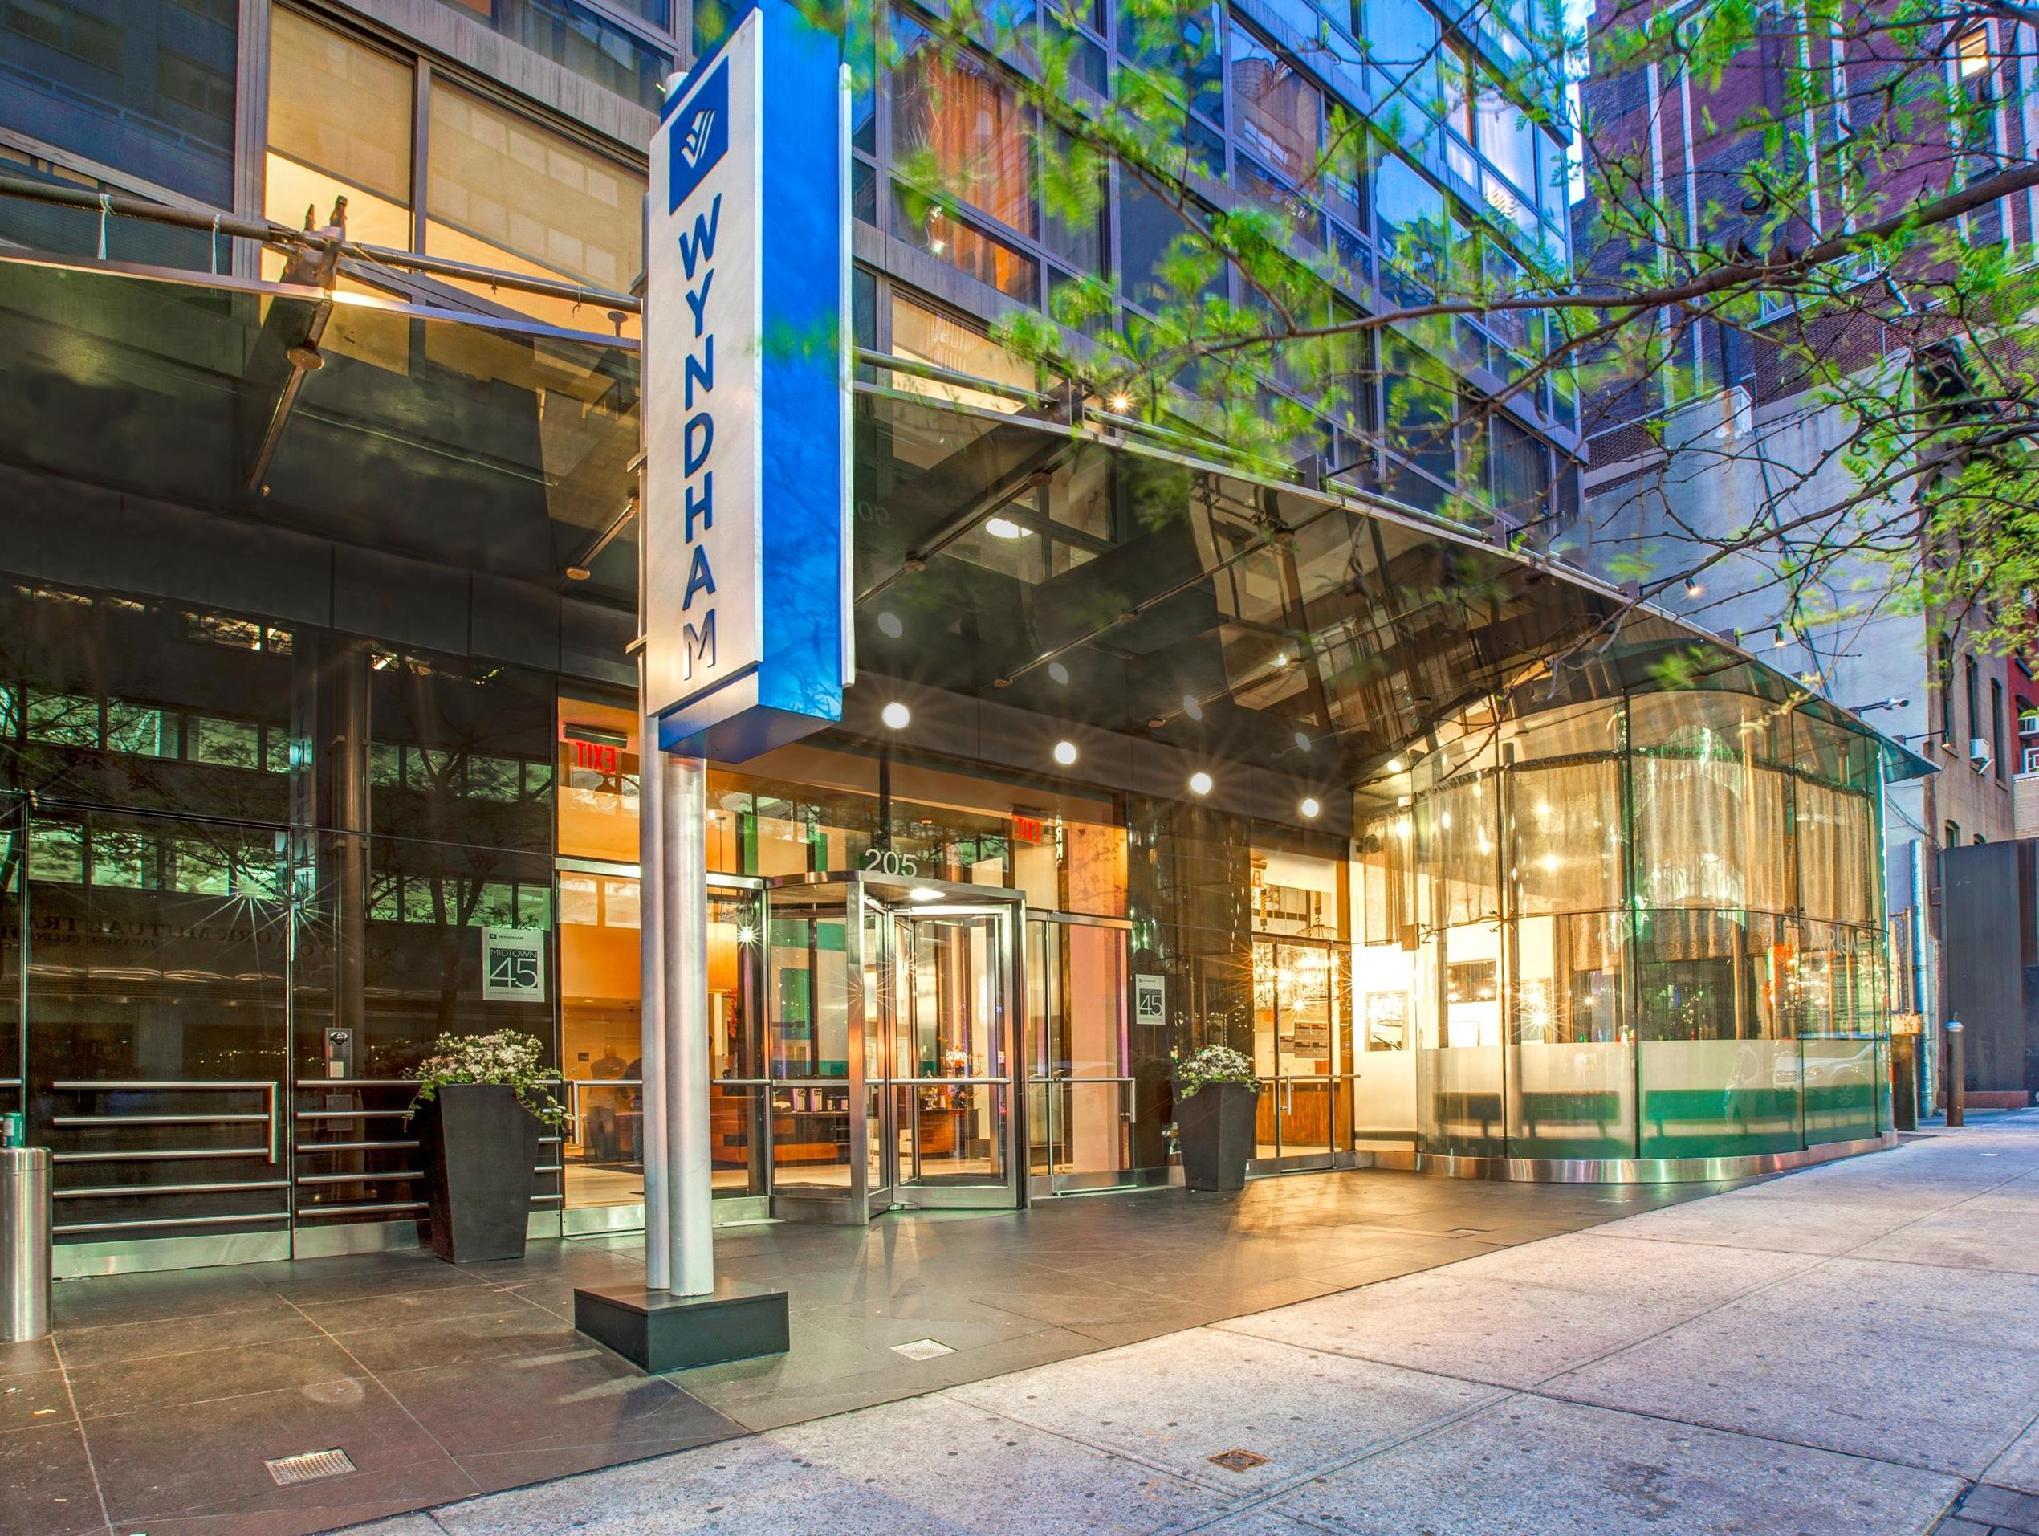 🟊🟊🟊 Wyndham Midtown 45 Hotel - New York (NY) - United States